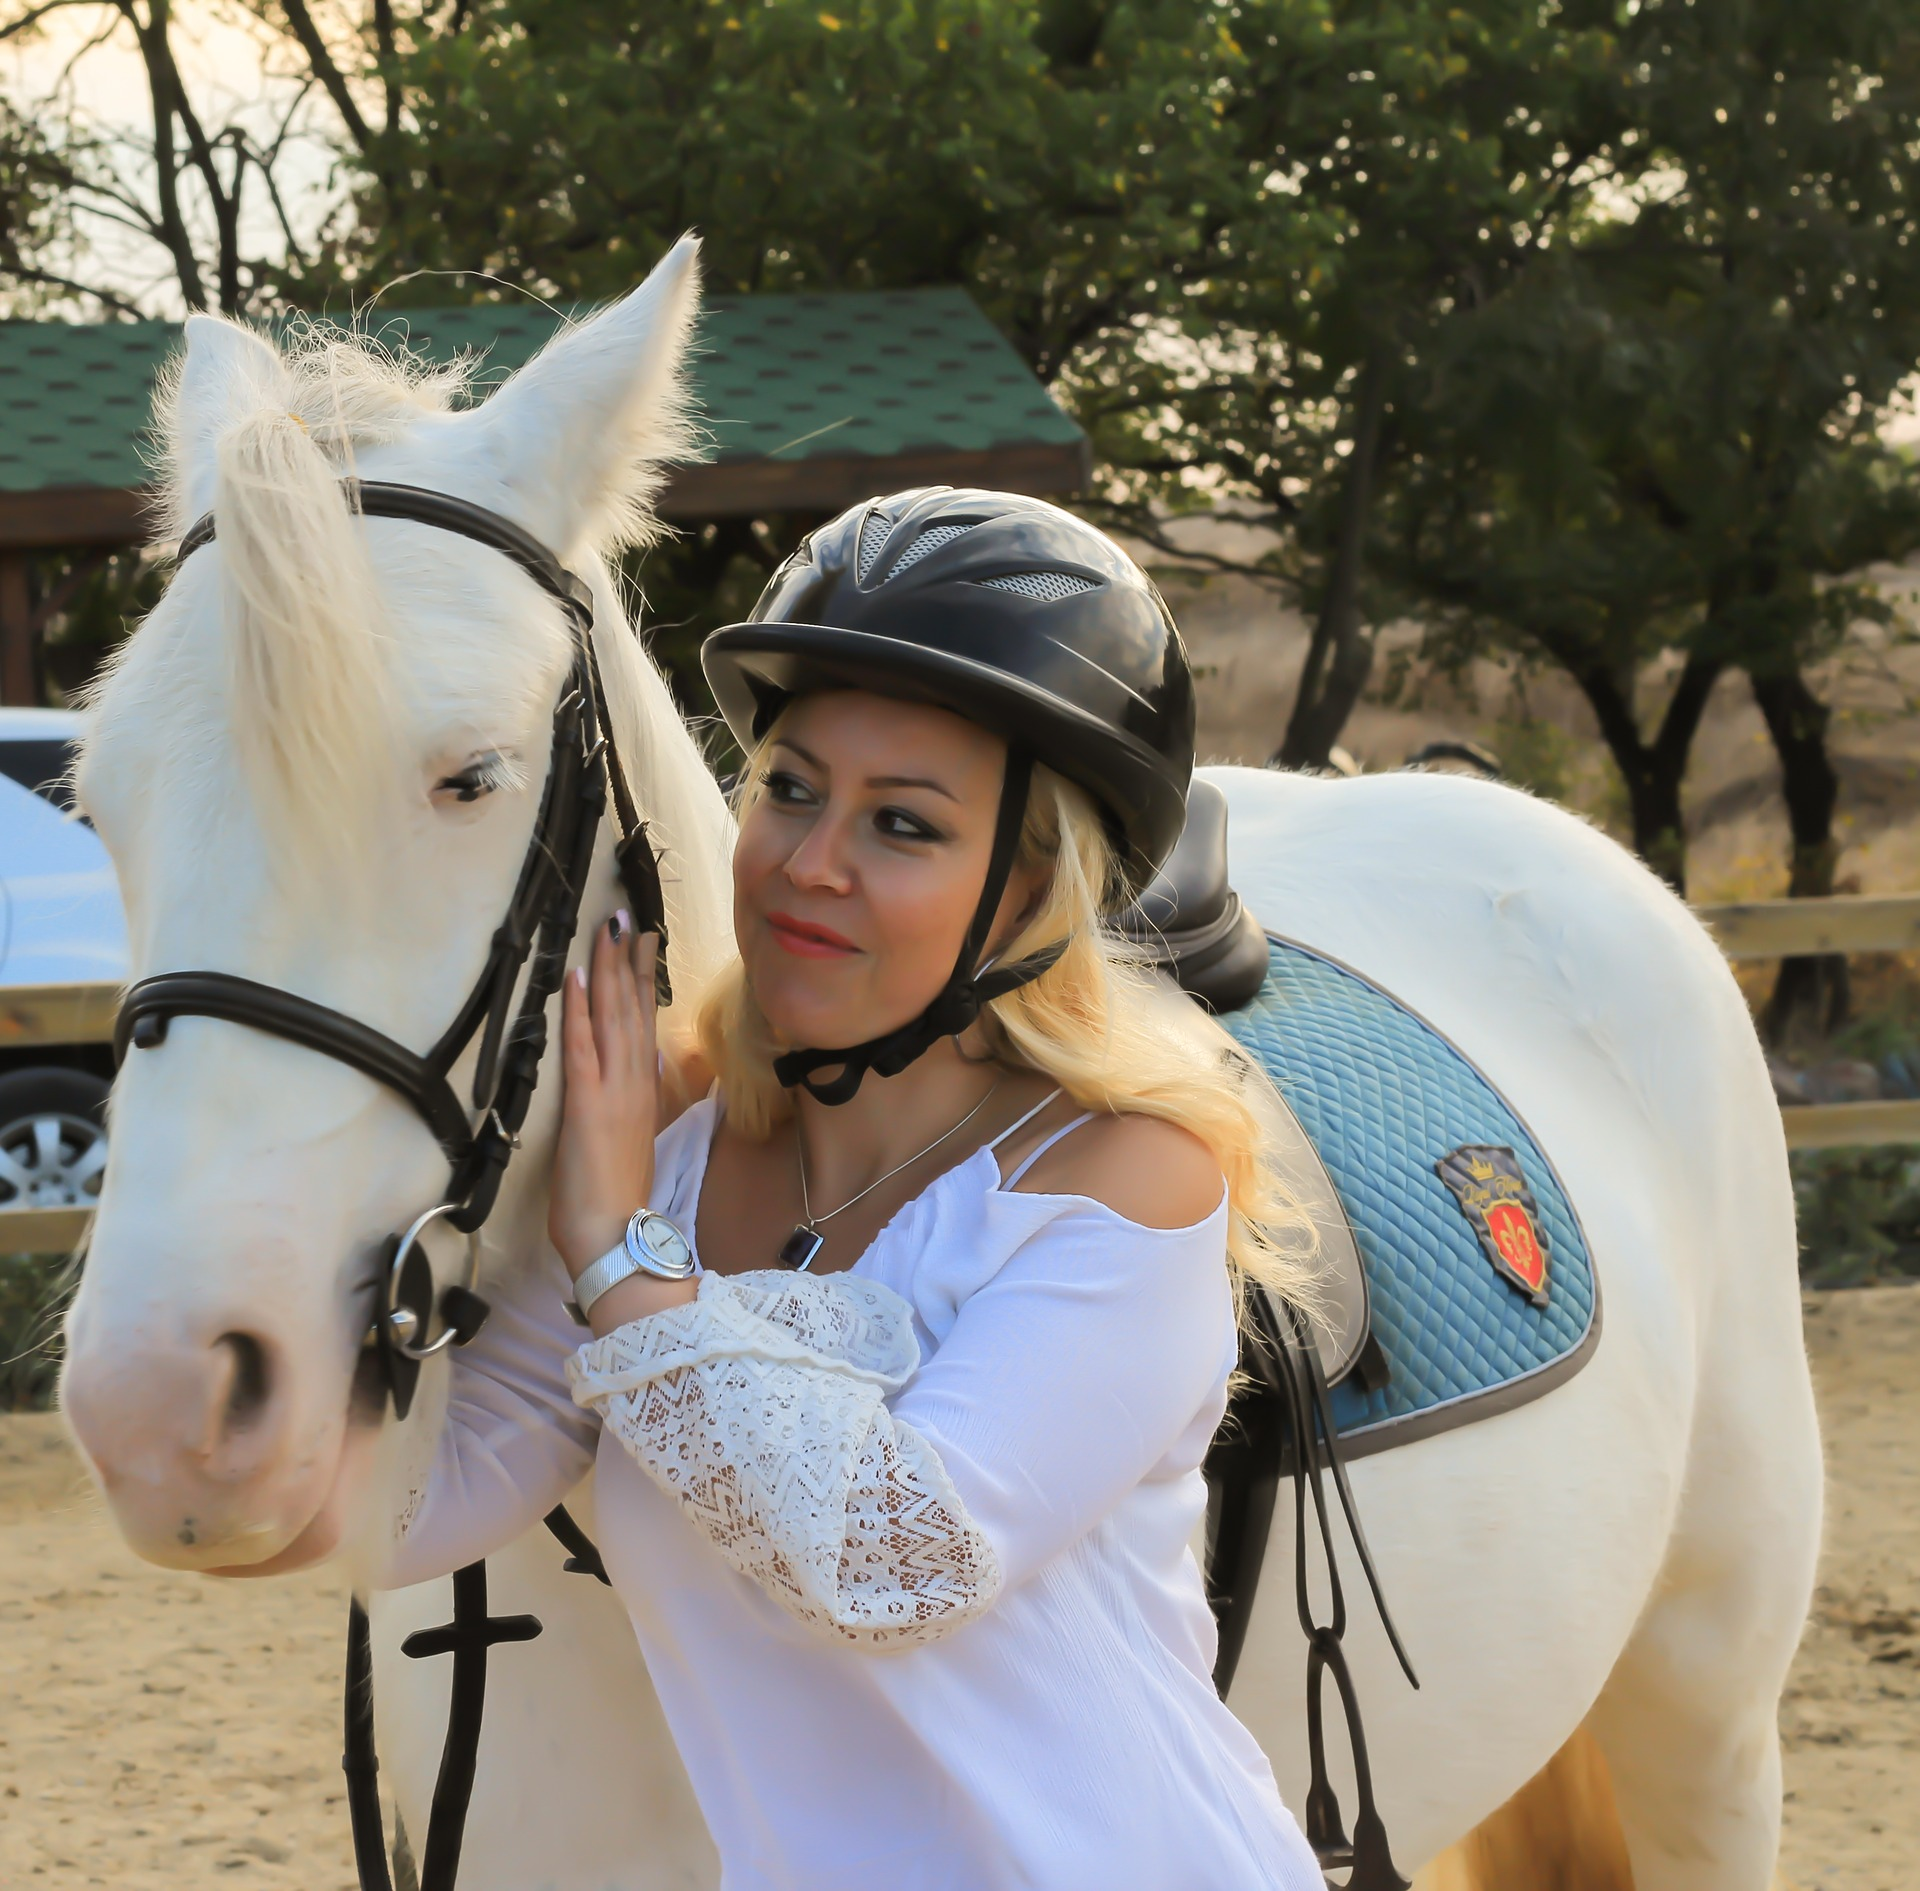 ippoterapia-ability channel-ippoterapia per disabili-ippoterapia corsi-riabilitazione-equitazione per disabili-cavallo uomo-storia ippoterapia-ippoterapia benefici-ippoterapia cos'è-ippoterapia per bambini-ippoterapia e autismo-ippoterapia etimologia-ippoterapia psicologia